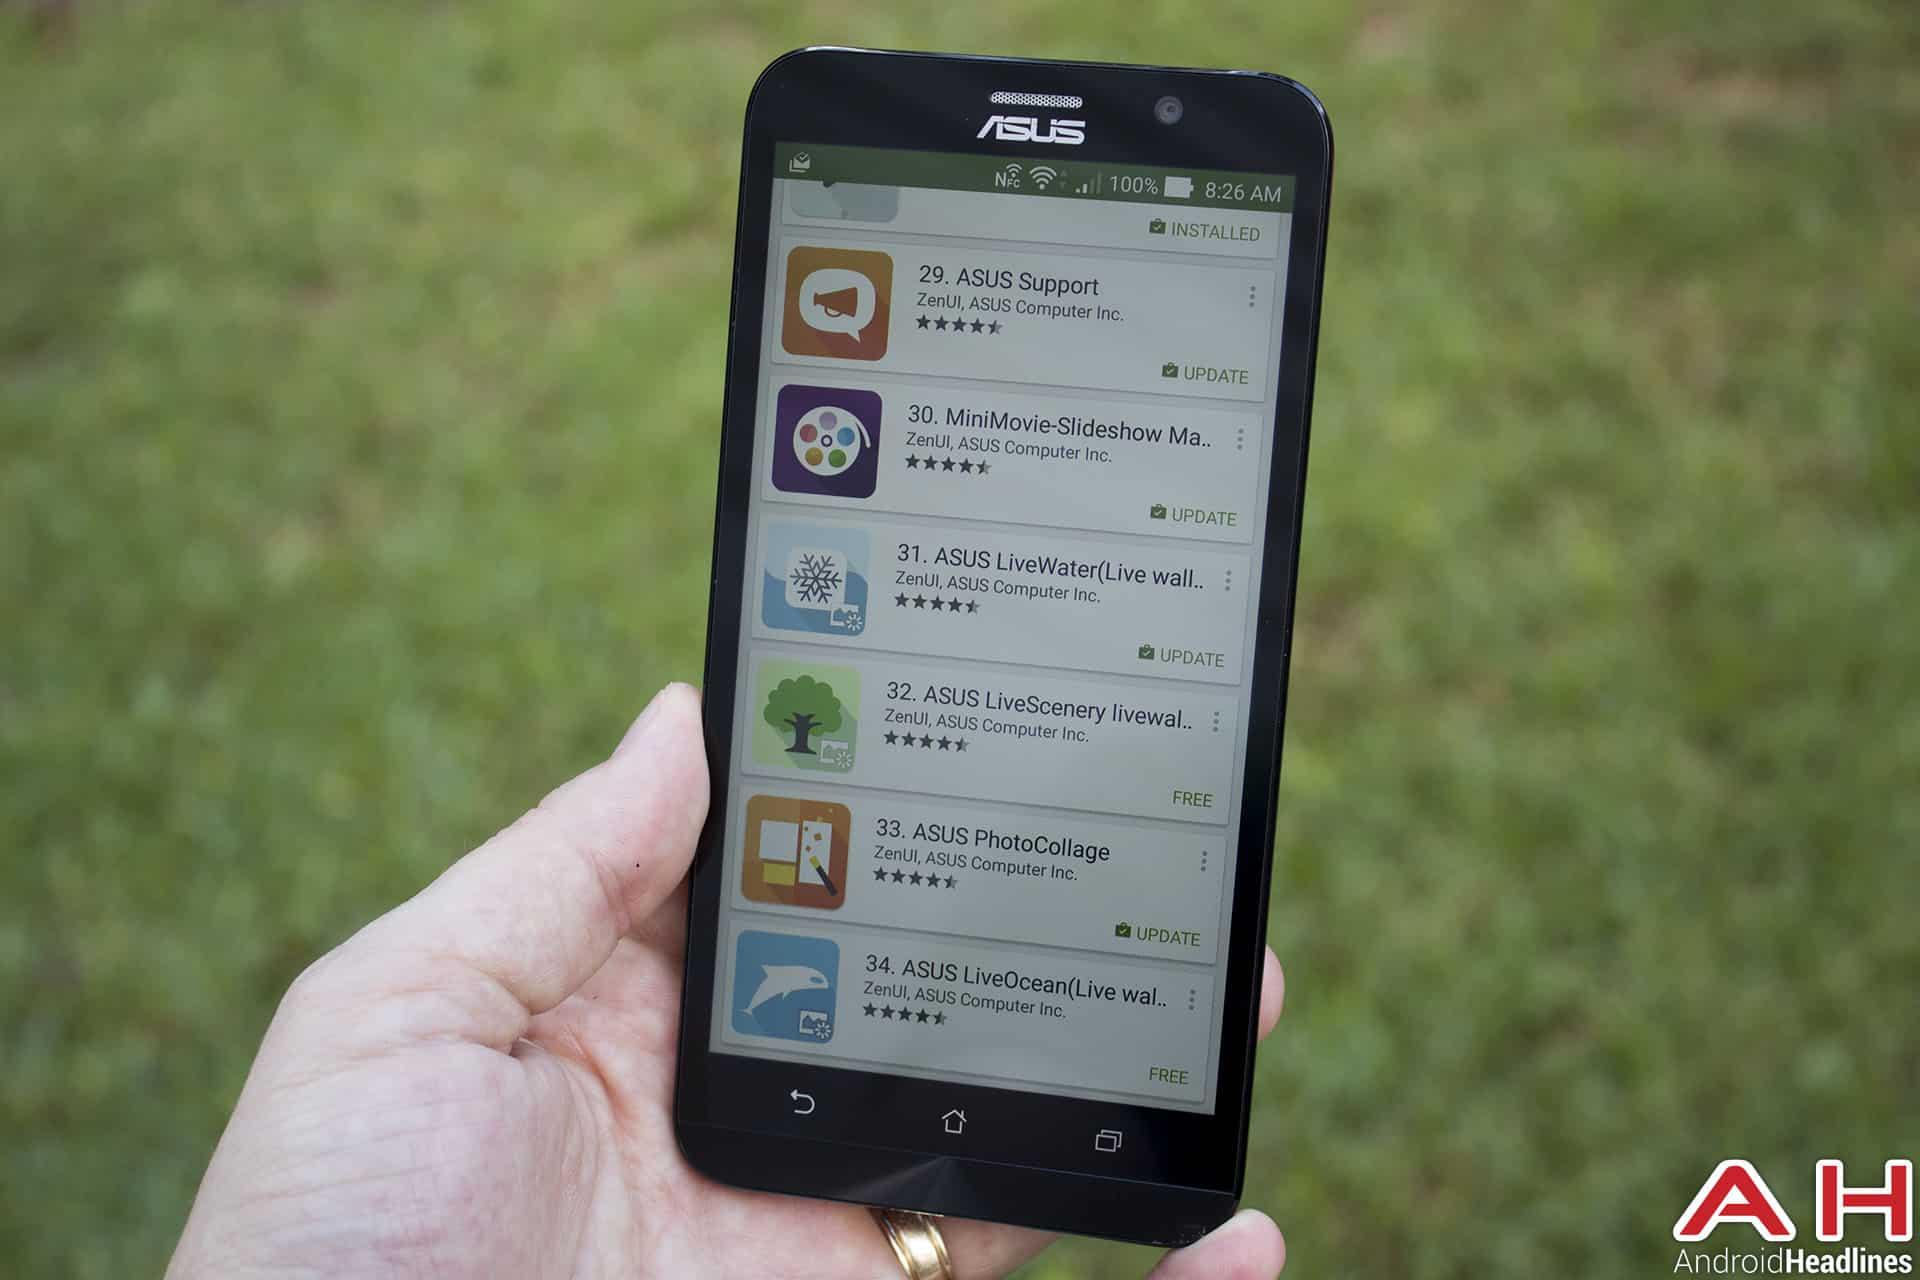 Asus-zenfone-2-updates